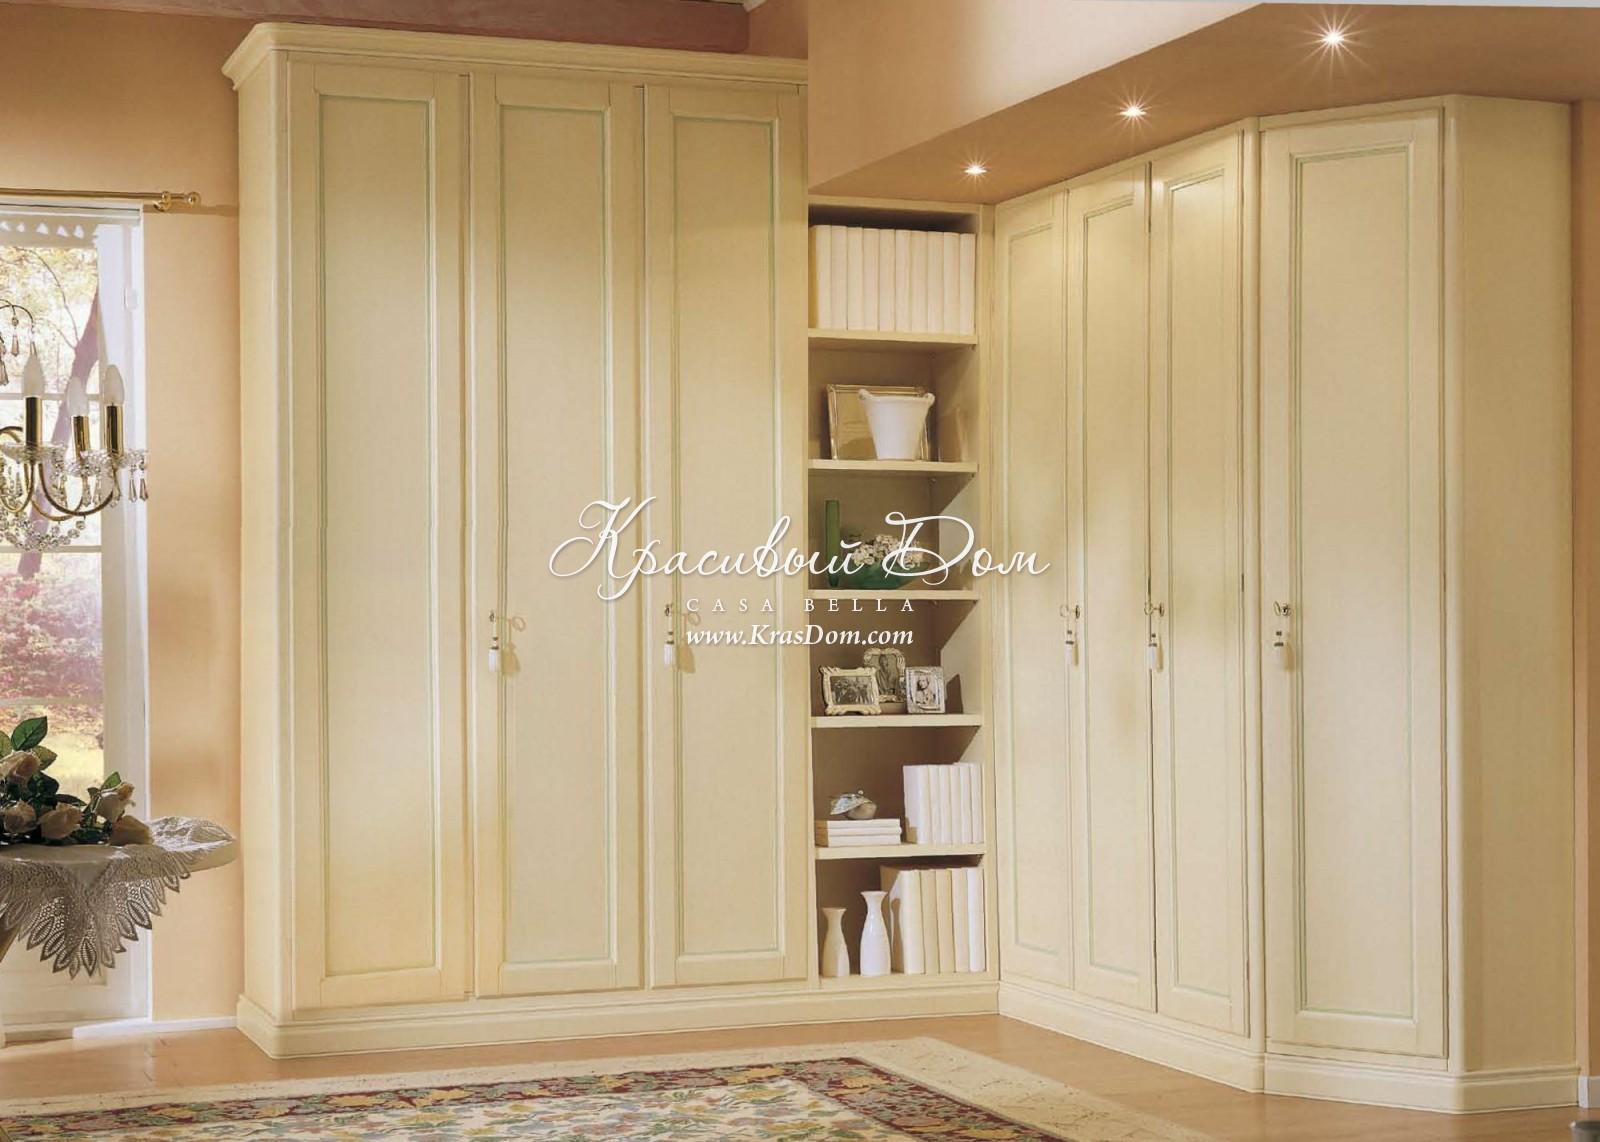 Платяной шкаф napoli с тремя раздвижными дверцами на каркасе.